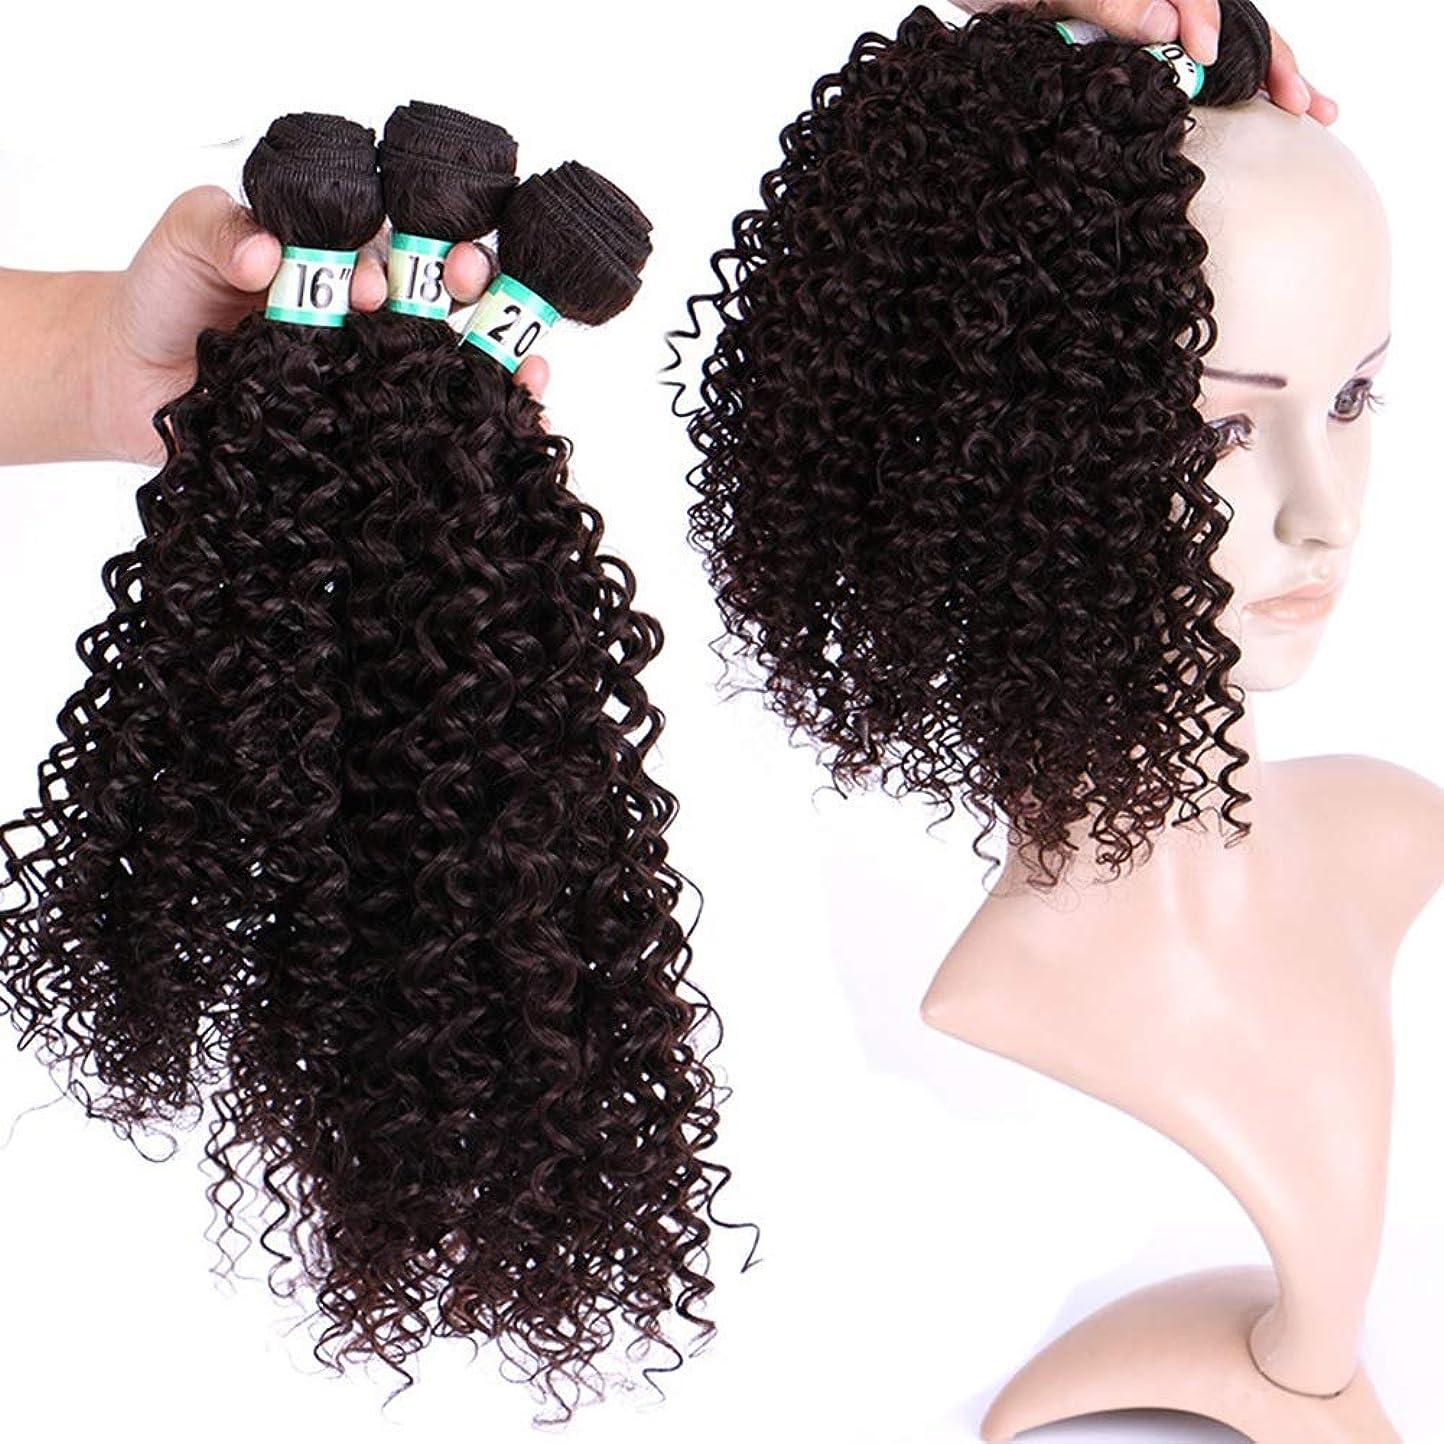 三十横アルファベット順Yrattary ブラジルの巻き毛織りジェリーカール3バンドル - 4#黒髪エクステンション70g /個(16 '' 18 '' 20 '')合成髪レースかつらロールプレイングウィッグロング&ショート女性自然 (色 : 黒, サイズ : 18